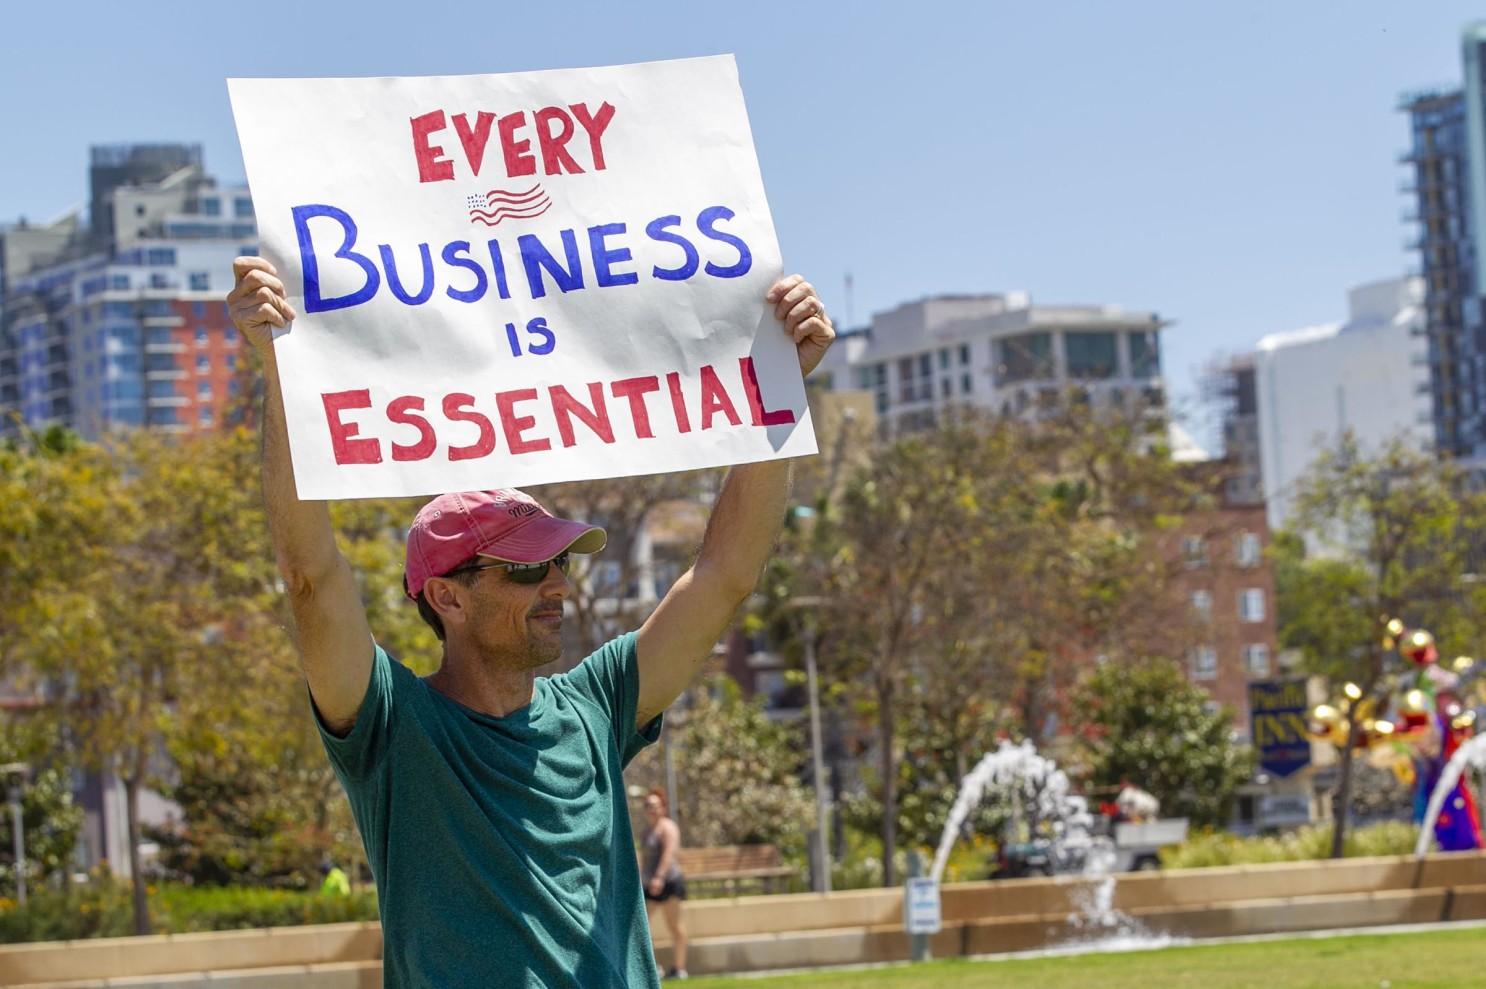 Brian Tinney, một nhà thầu CNTT lo lắng cho tất cả các doanh nghiệp nhỏ của Mỹ bị buộc phải đóng cửa vì dịch Covid-19